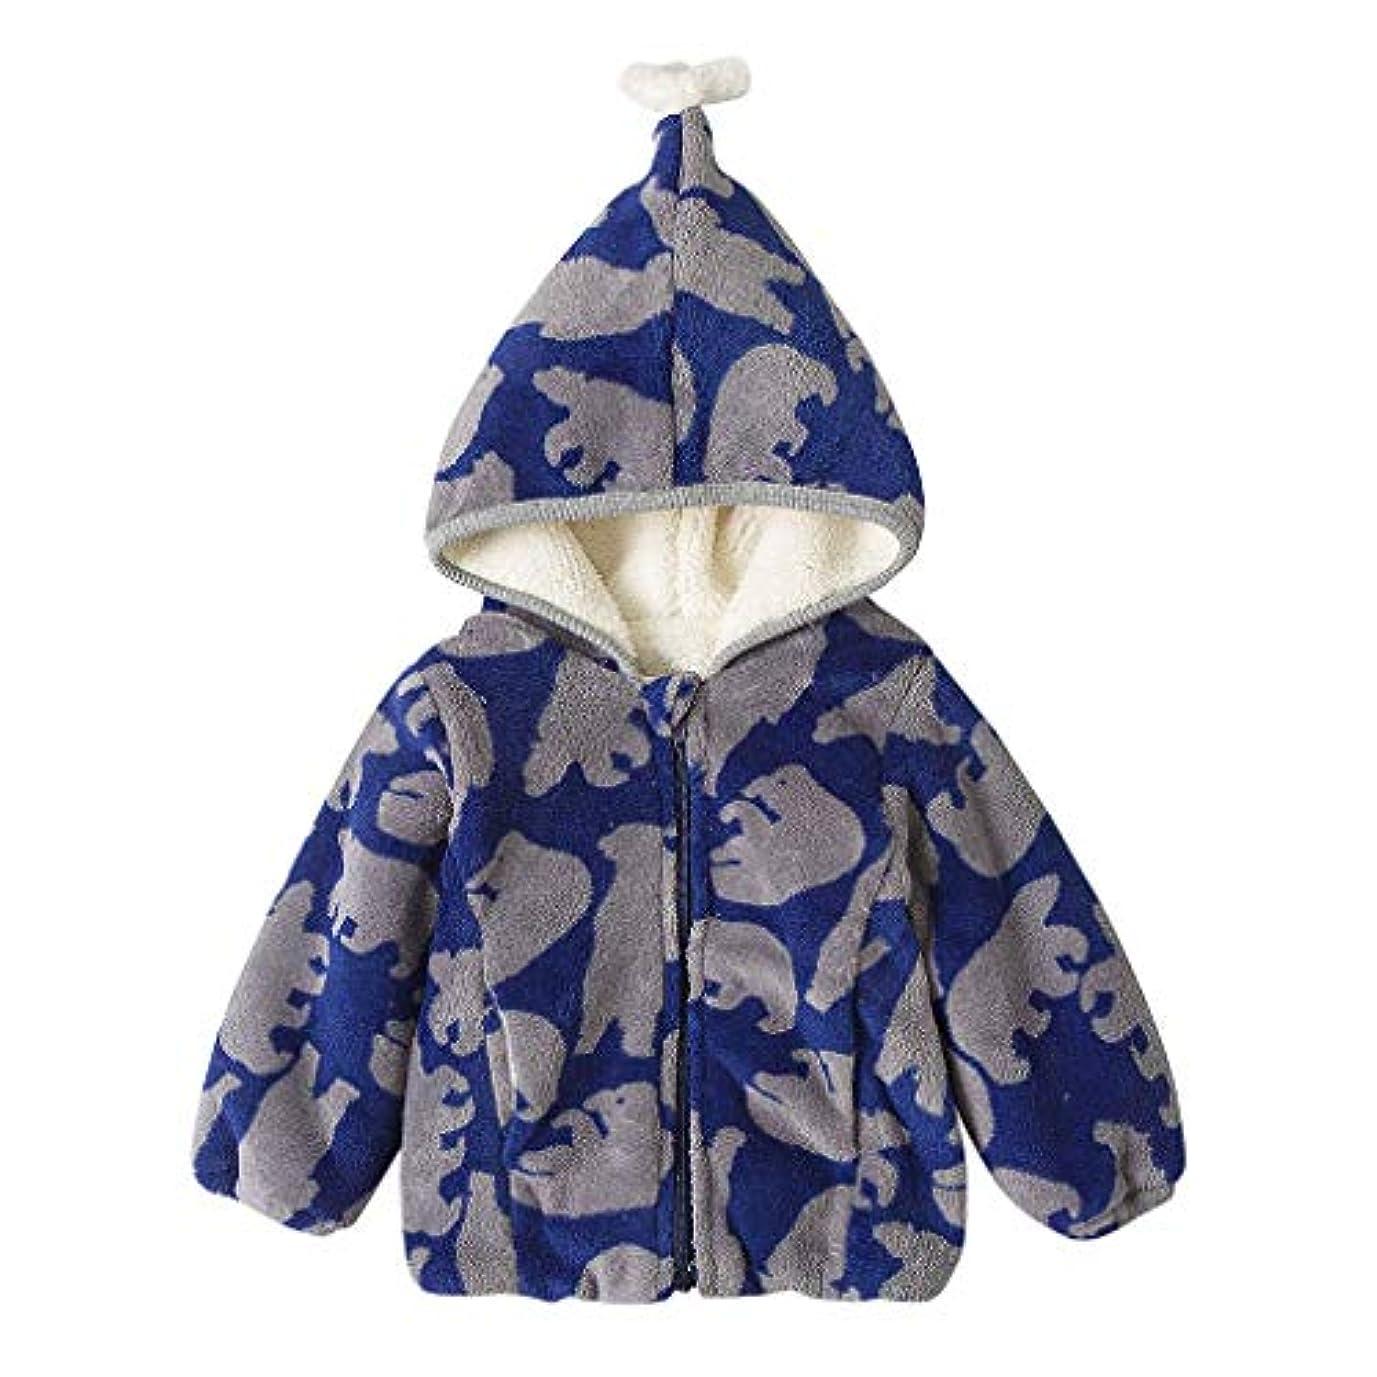 単位なぜなら過度のかわいい柄あたたかい男の子女の子赤ちゃん冬コートジャケット子供ジップ厚いスノースーツパーカーオーバーコート屋外かわいいルースソフト快適なブラウストップス